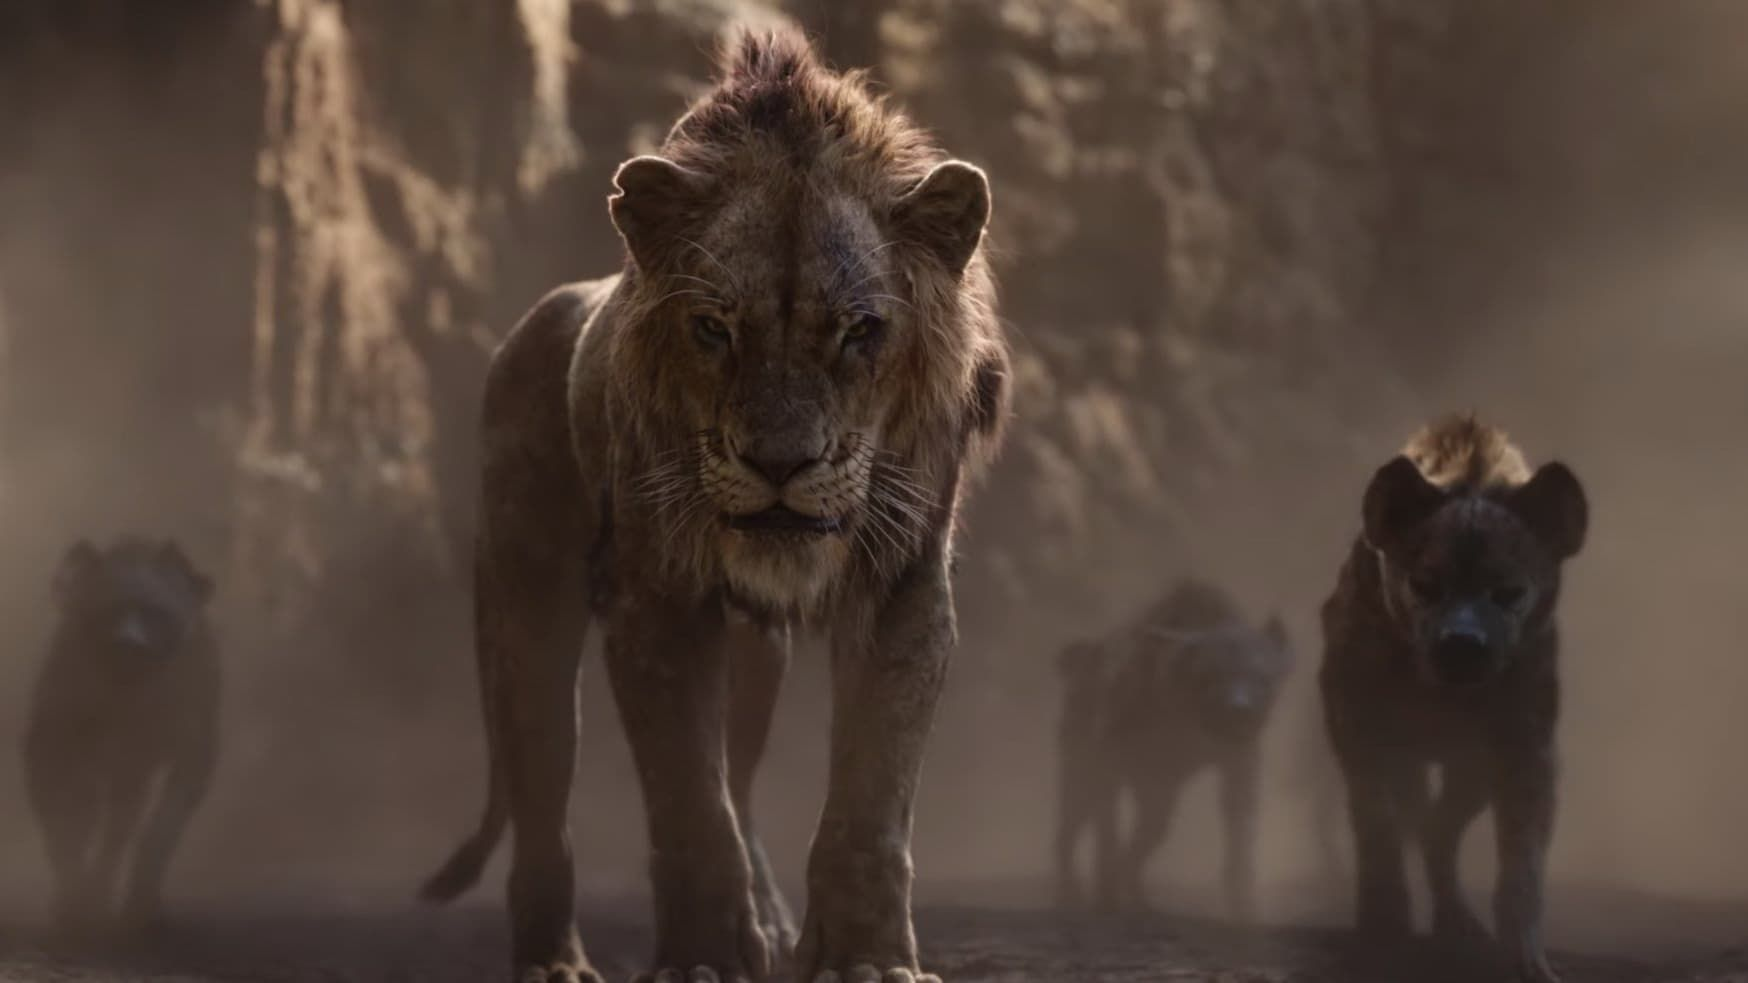 Epingle Sur The Lion King 2019